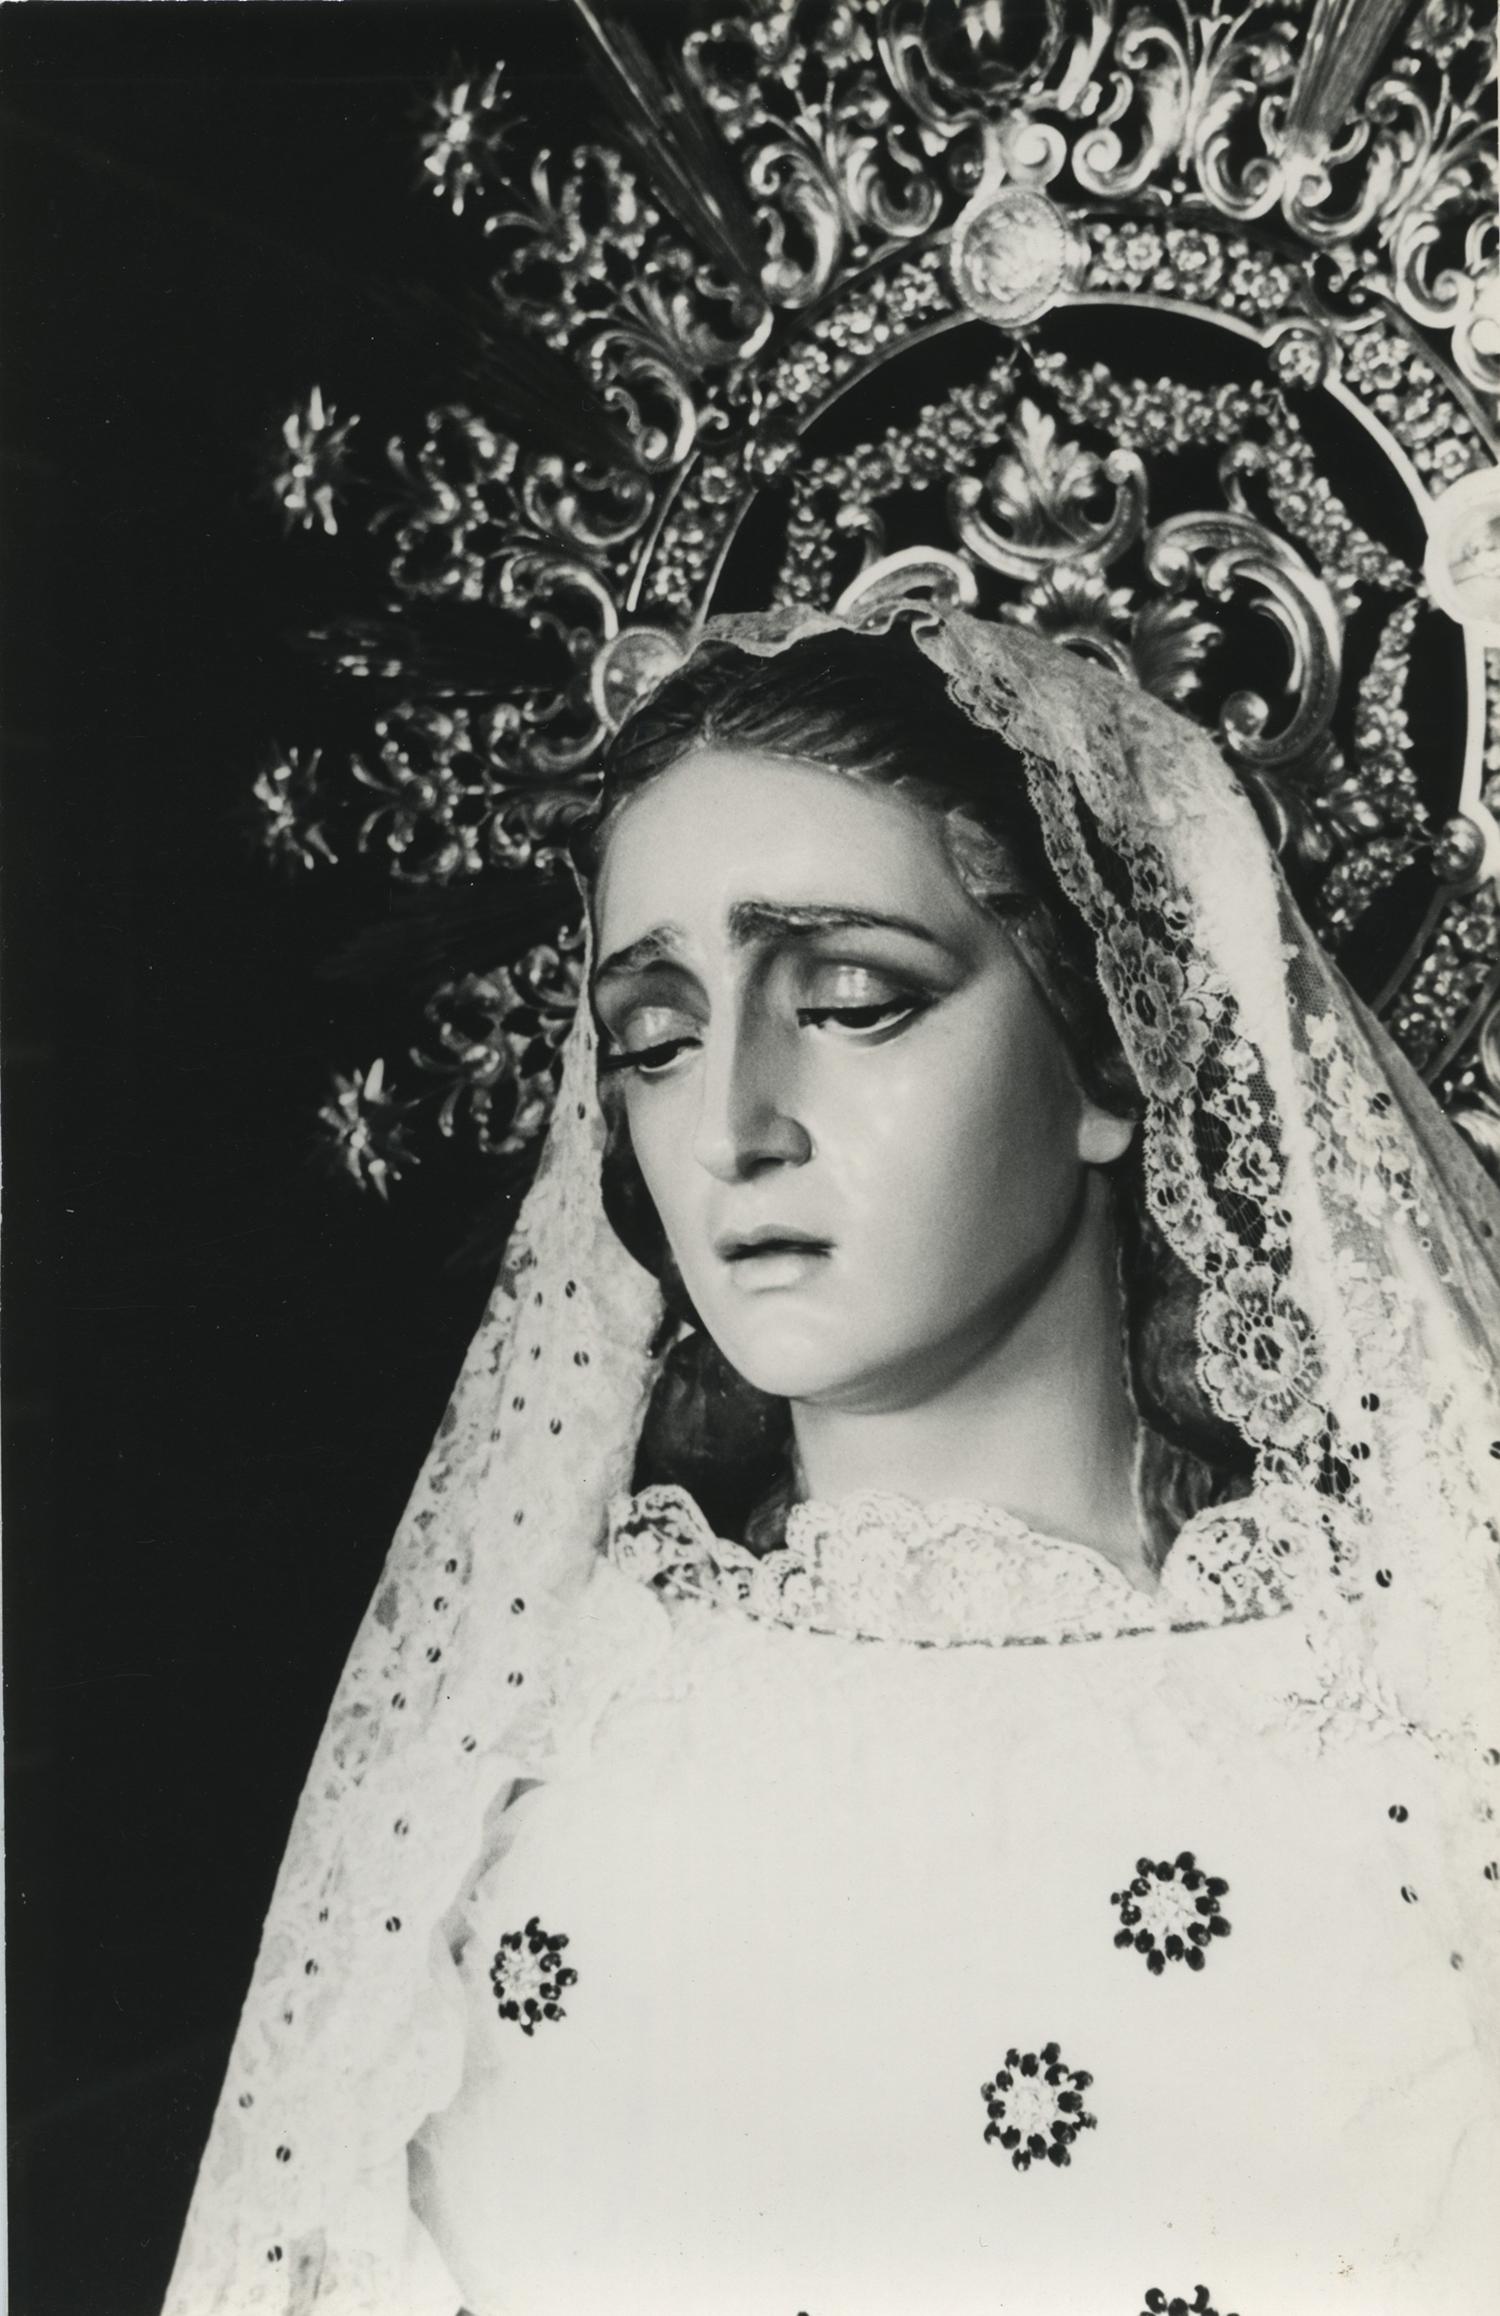 1952. Nuestra Señora del Rosario, o Virgen Blanca. Talla policromada. Parroquia de San Pablo, Zaragoza. 1952